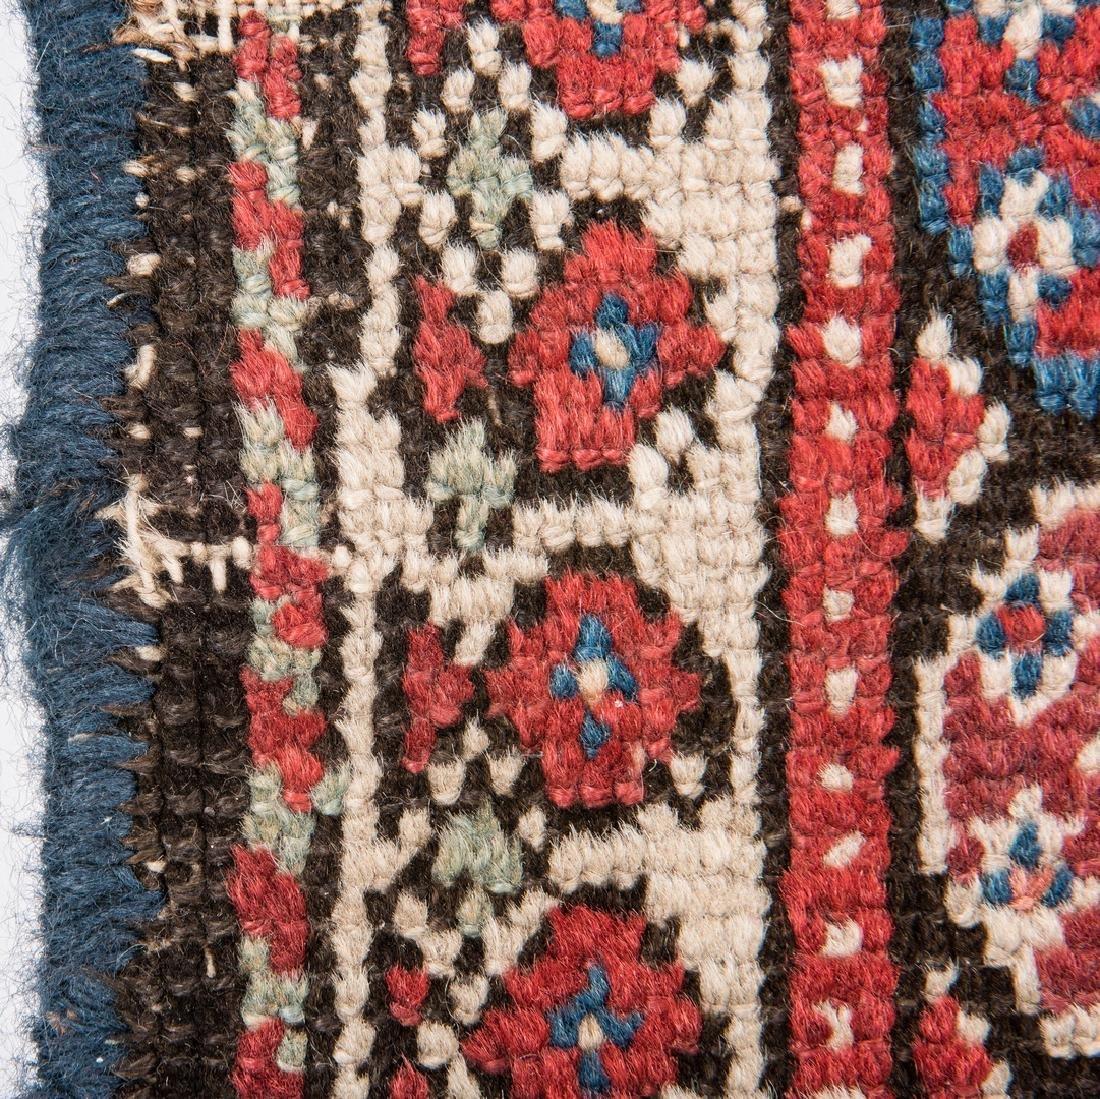 Antique Persian Ingeles Area Rug - 9